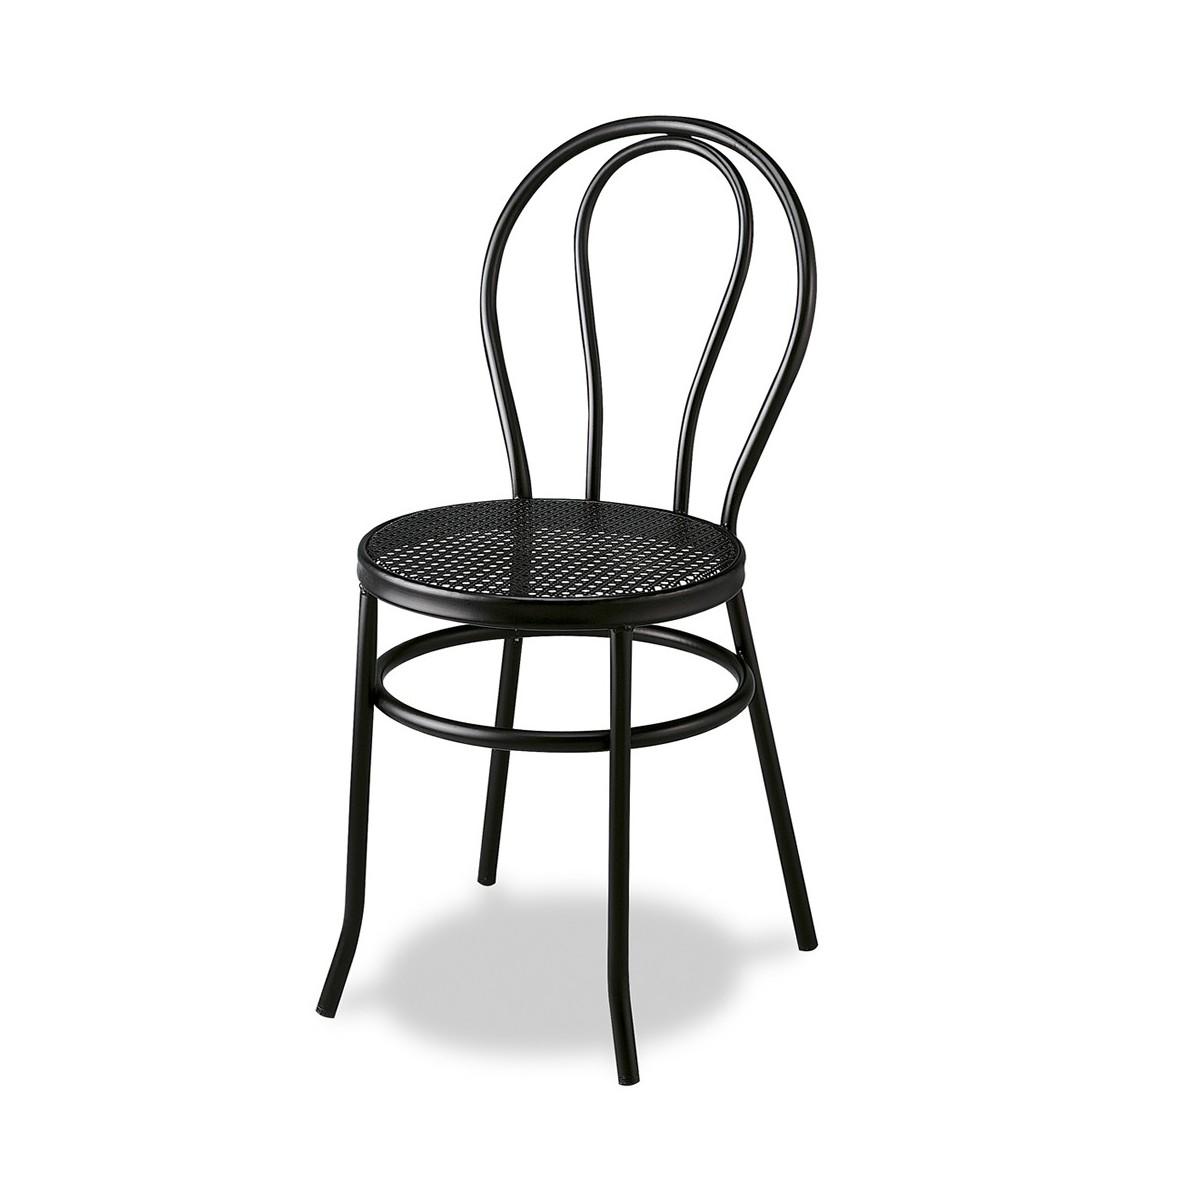 Silla de restaurante con asiento de rejilla met lica thonet - Silla metalica apilable ...